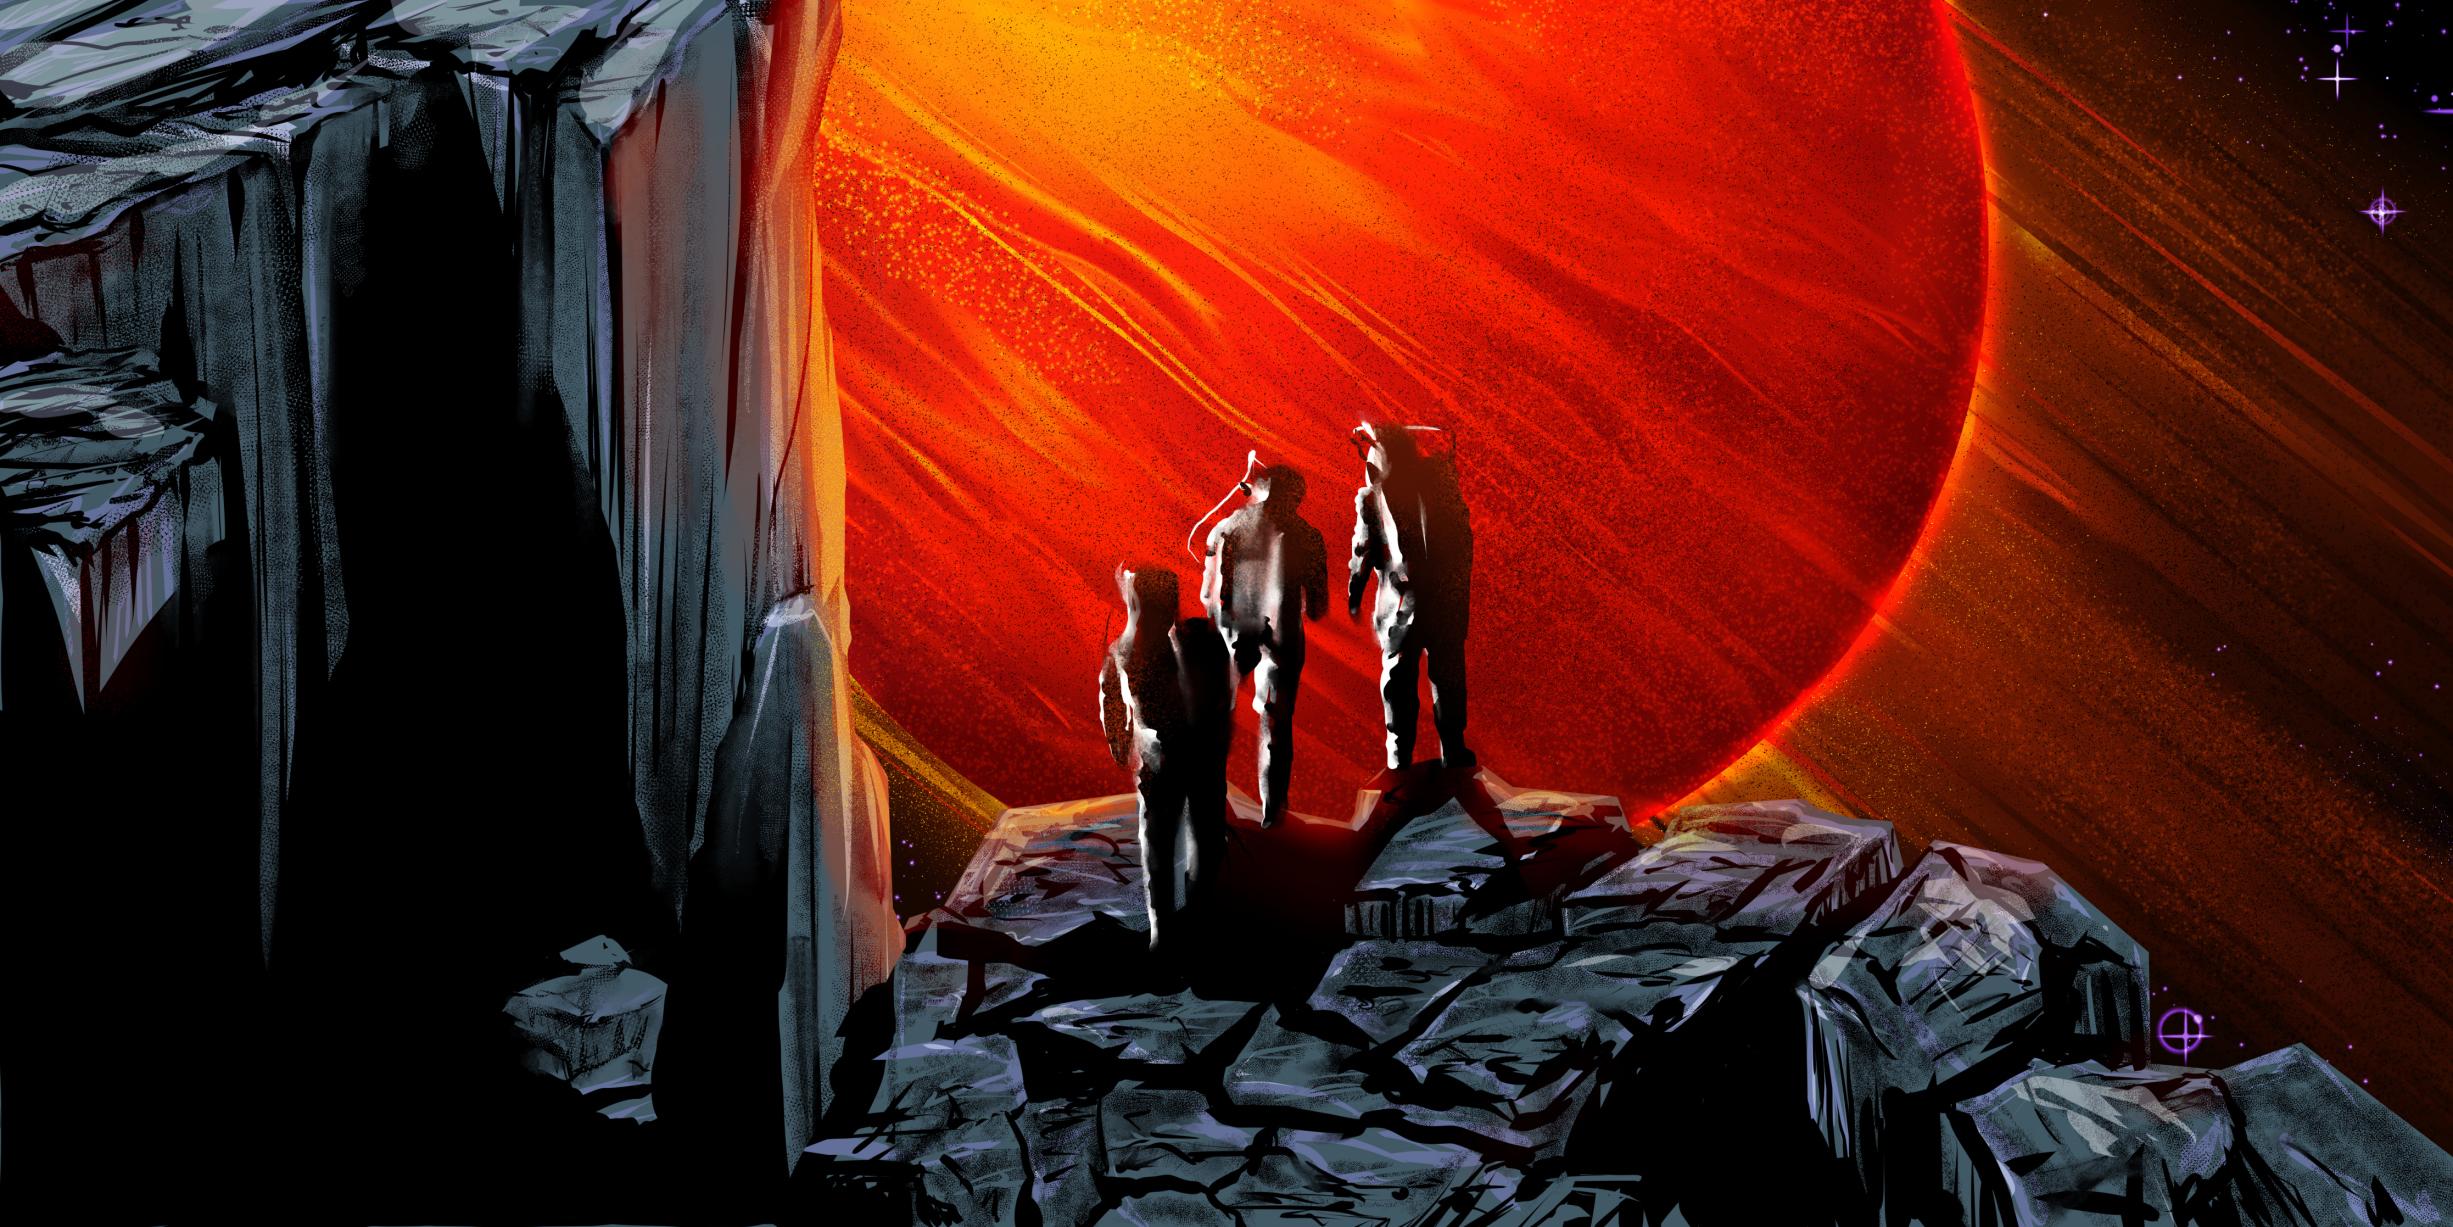 星战之父的故事-星球大战你看了吗?